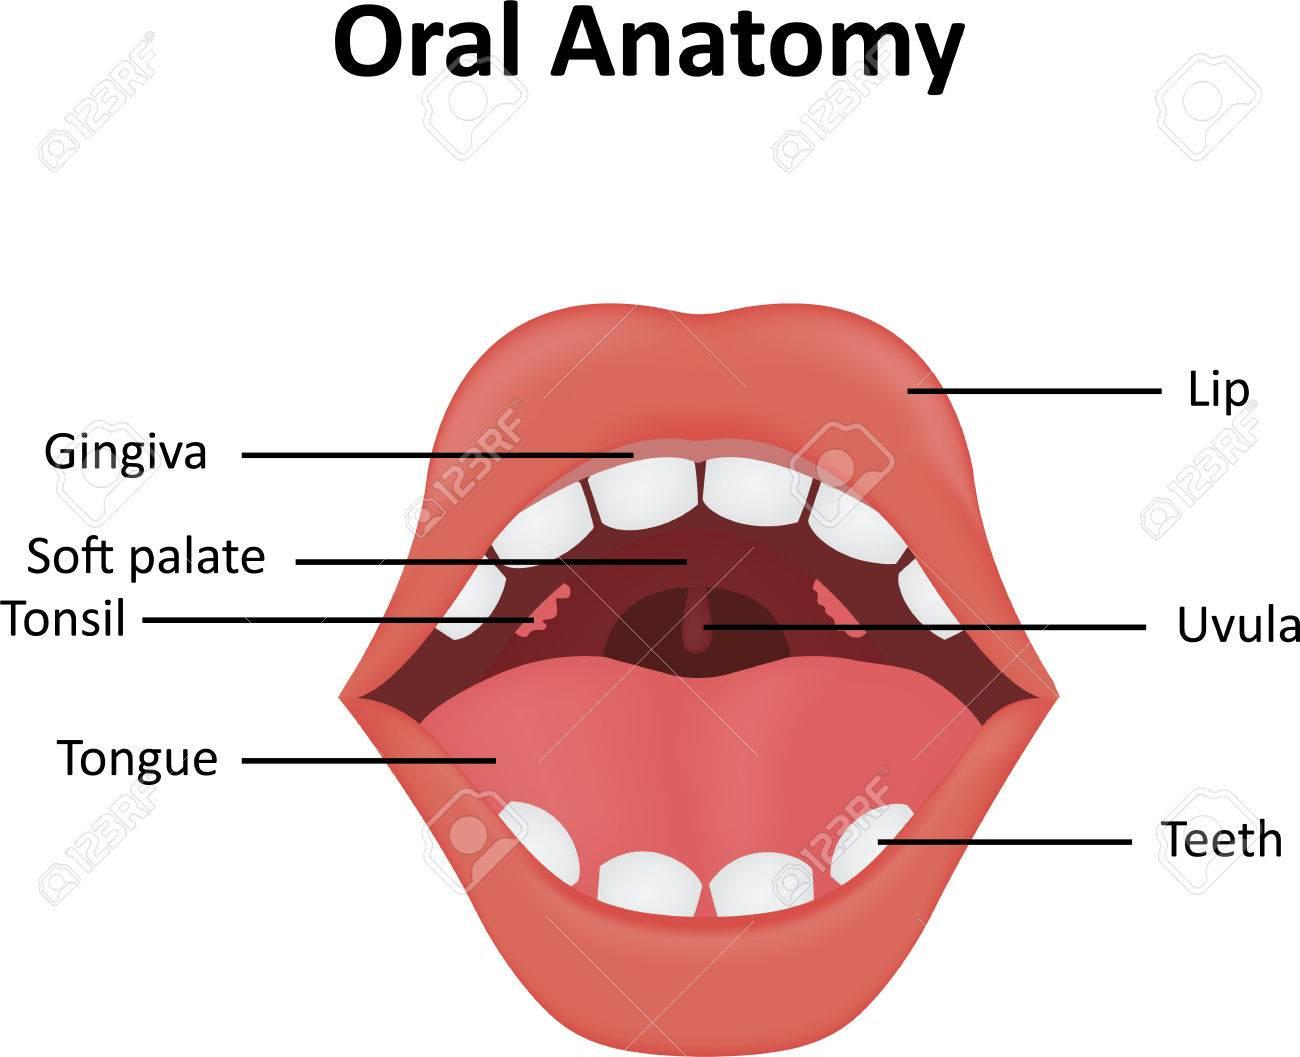 Anatomía Oral Ilustraciones Vectoriales, Clip Art Vectorizado Libre ...